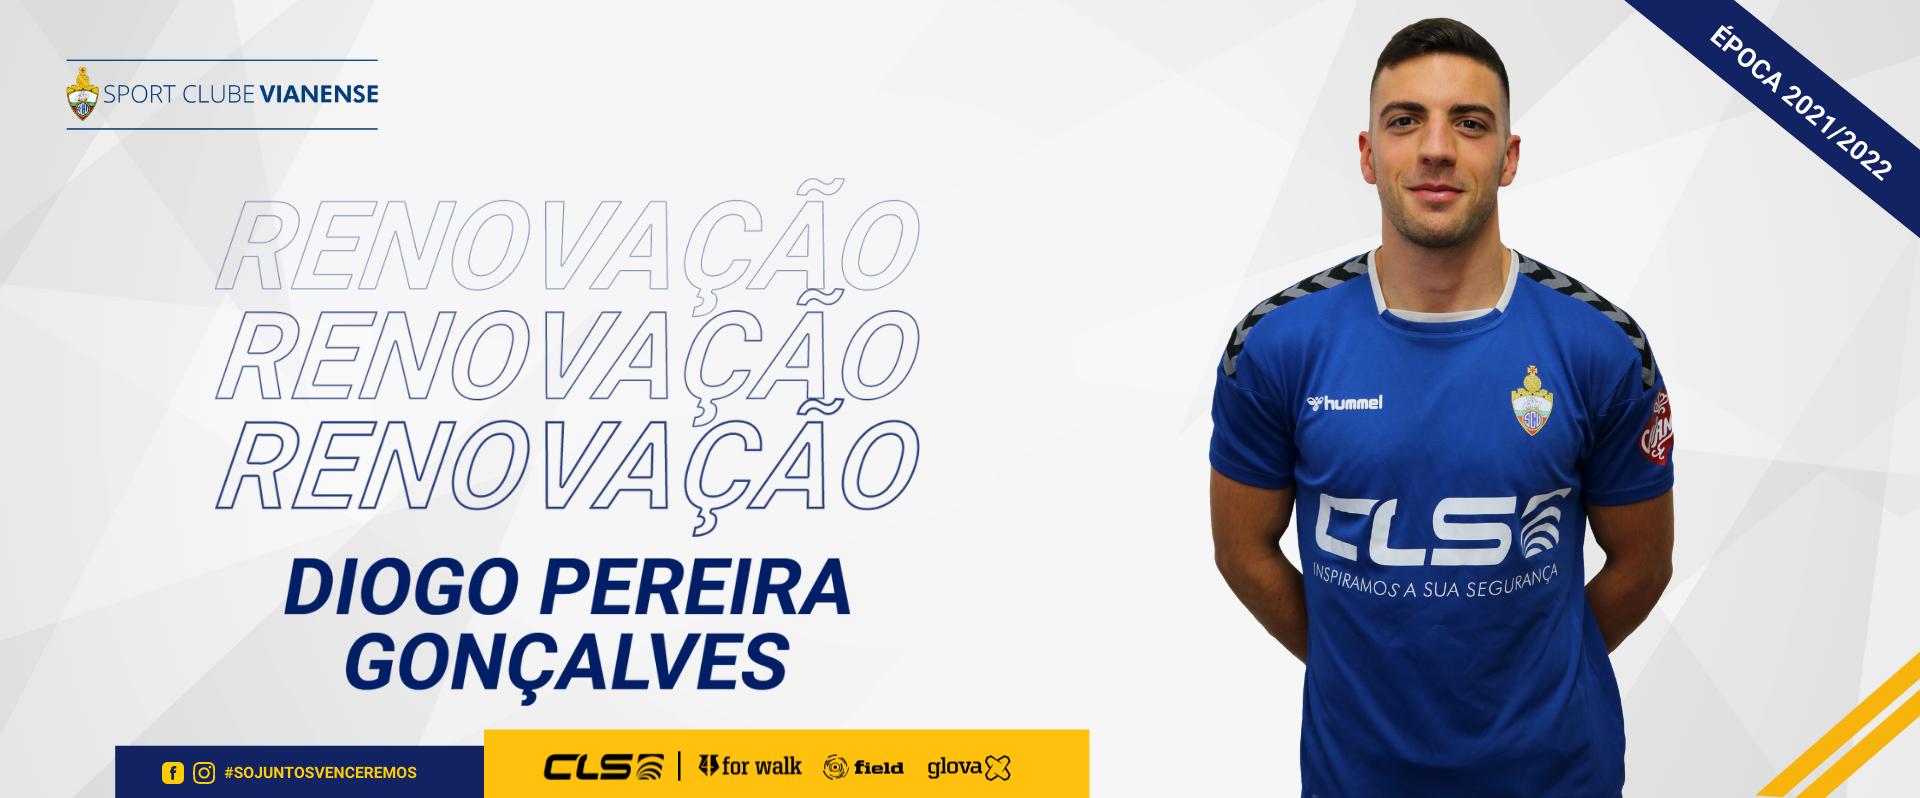 Diogo Pereira Gonçalves renova